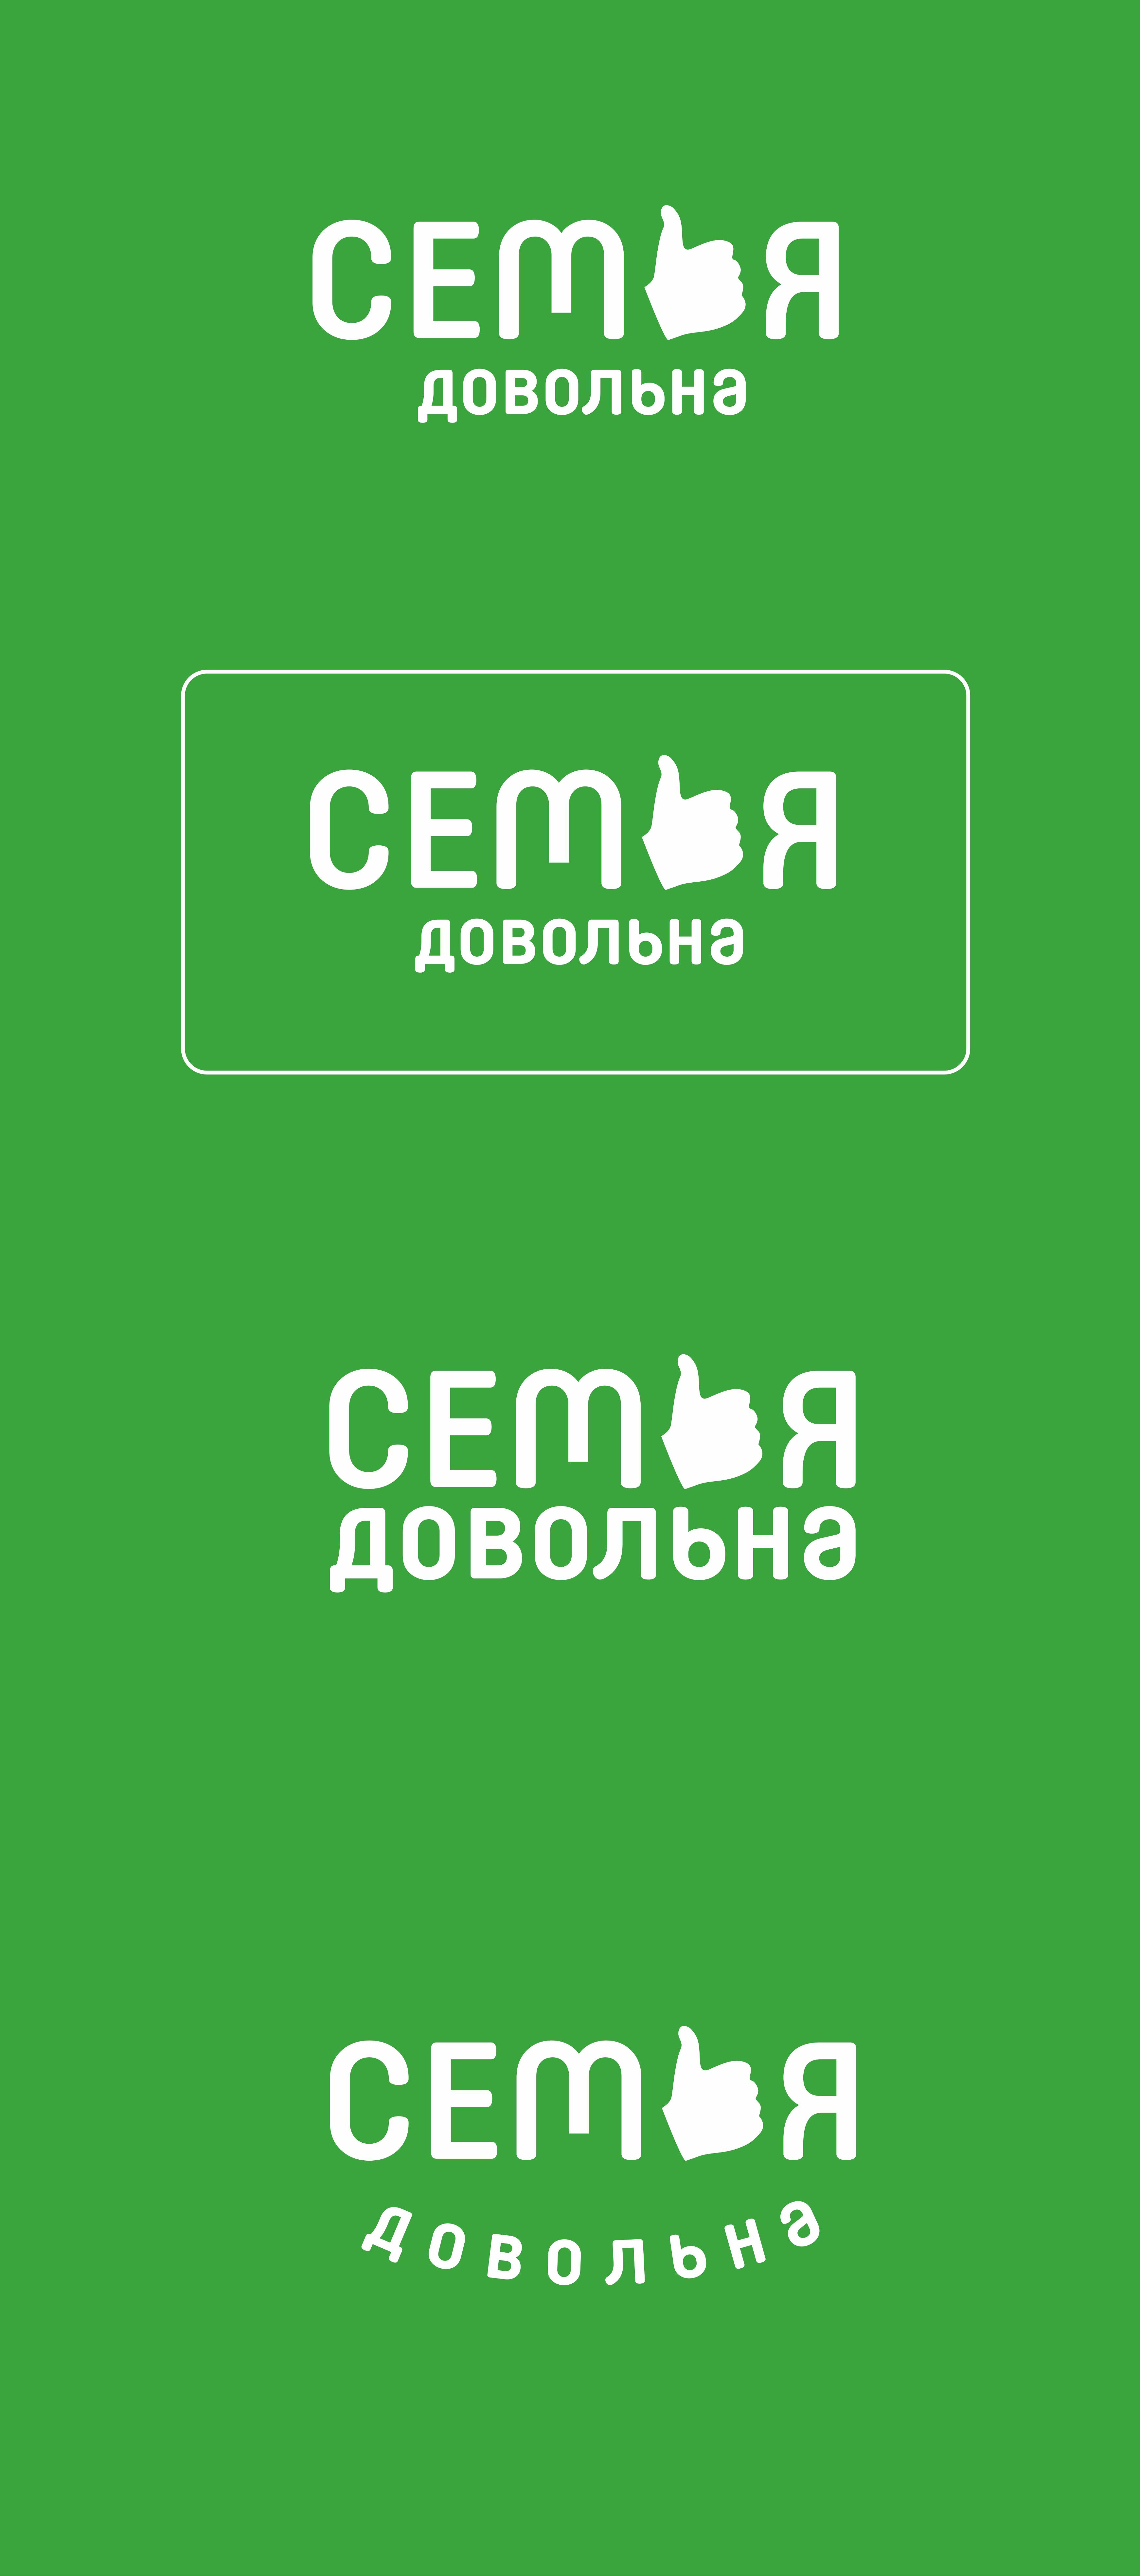 """Разработайте логотип для торговой марки """"Семья довольна"""" фото f_4655b953d54c7ce7.png"""